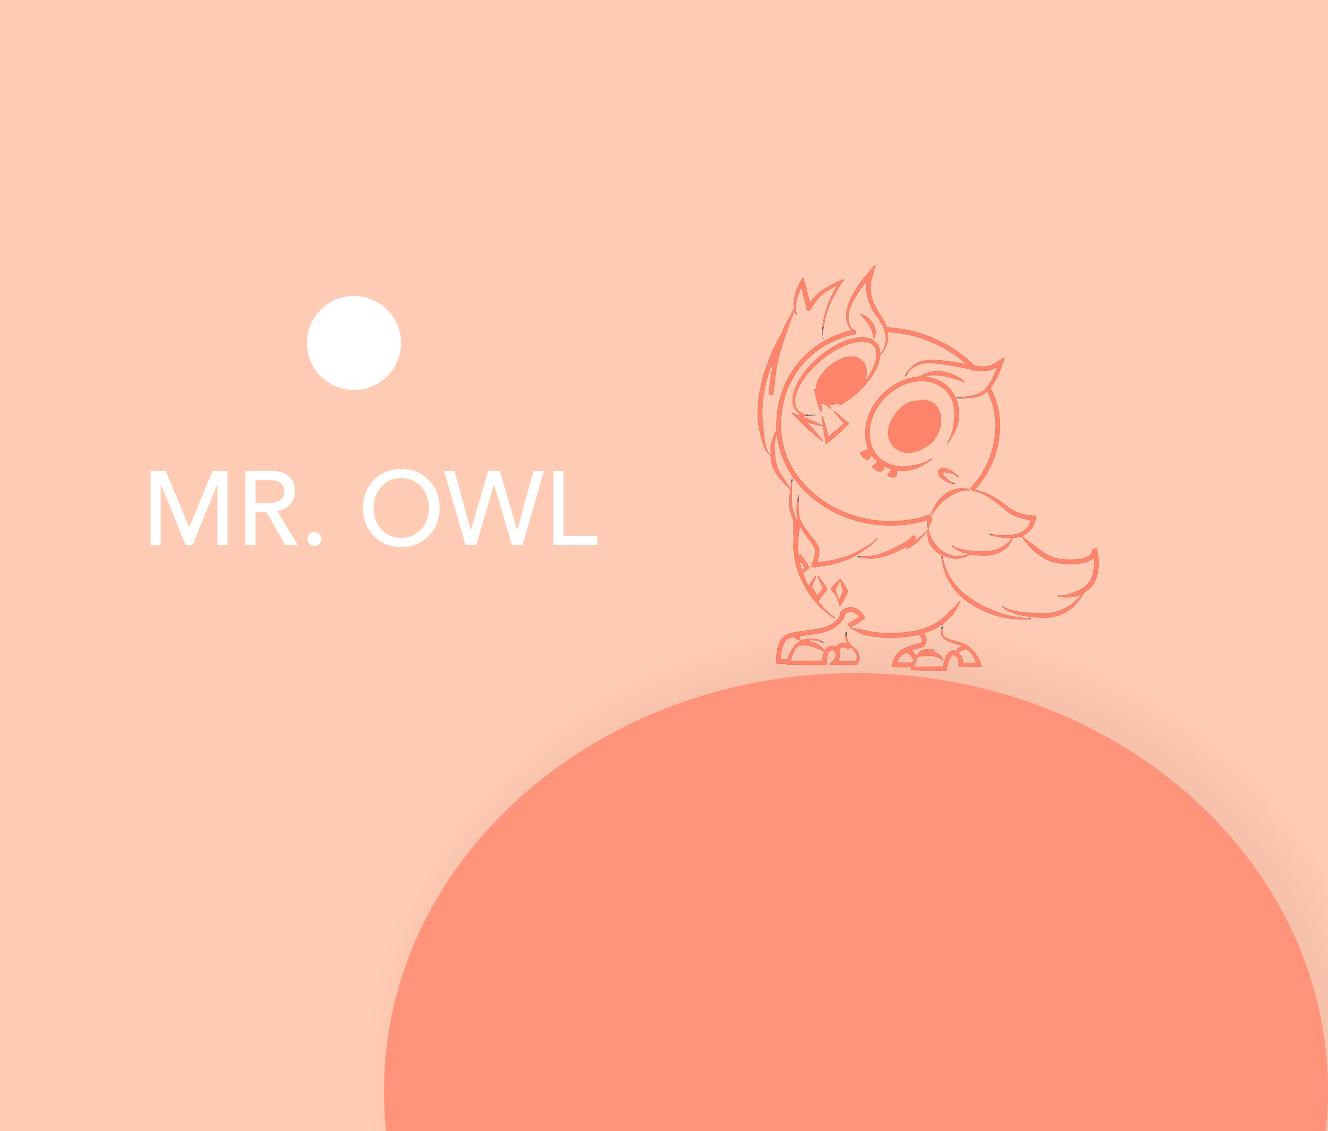 My Mascot